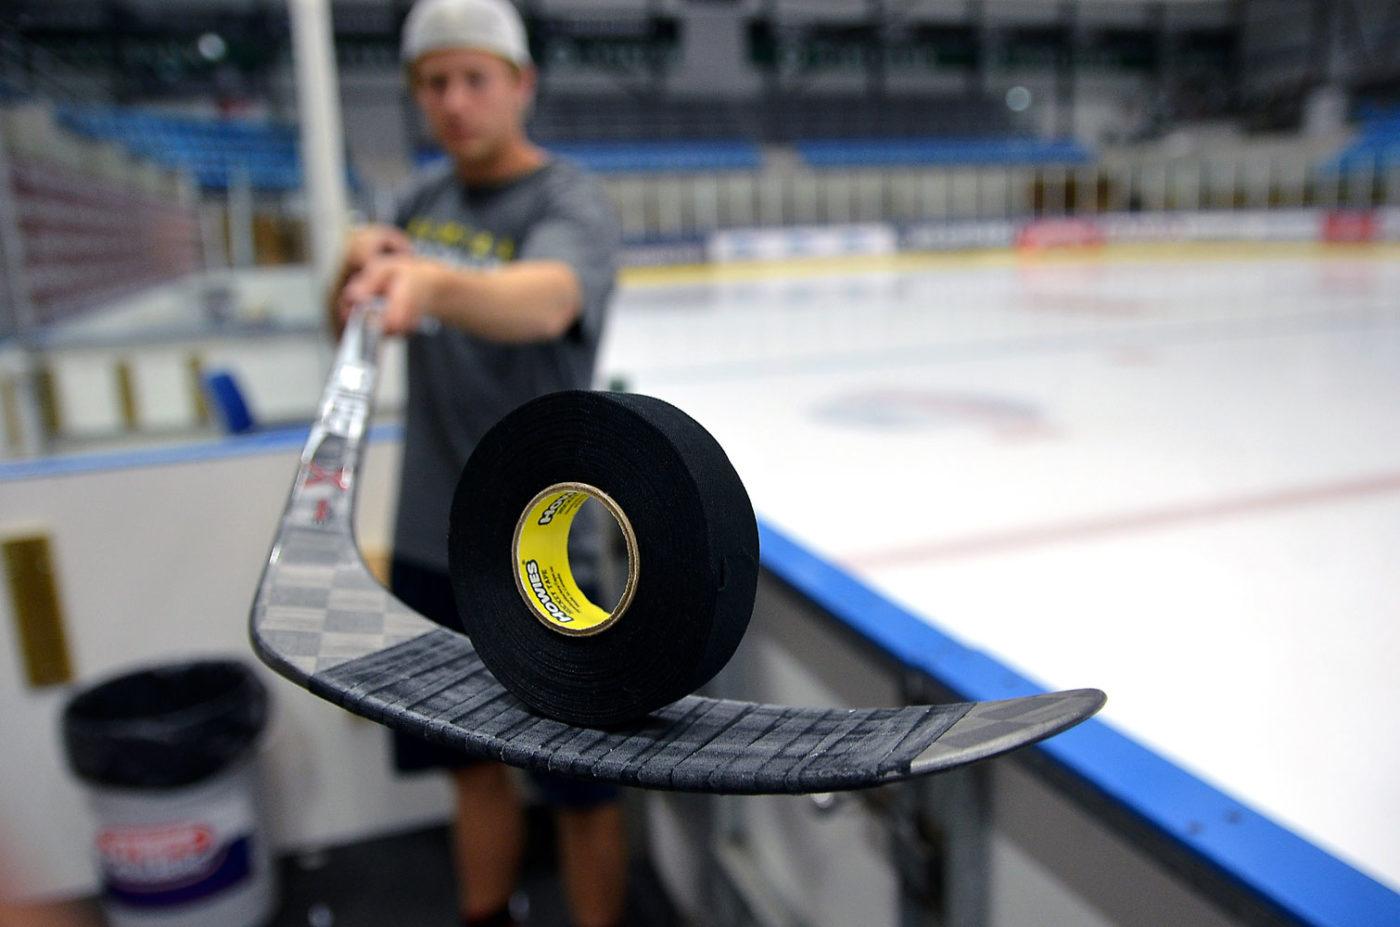 Svart hockeytejp står på ett hockeyblad